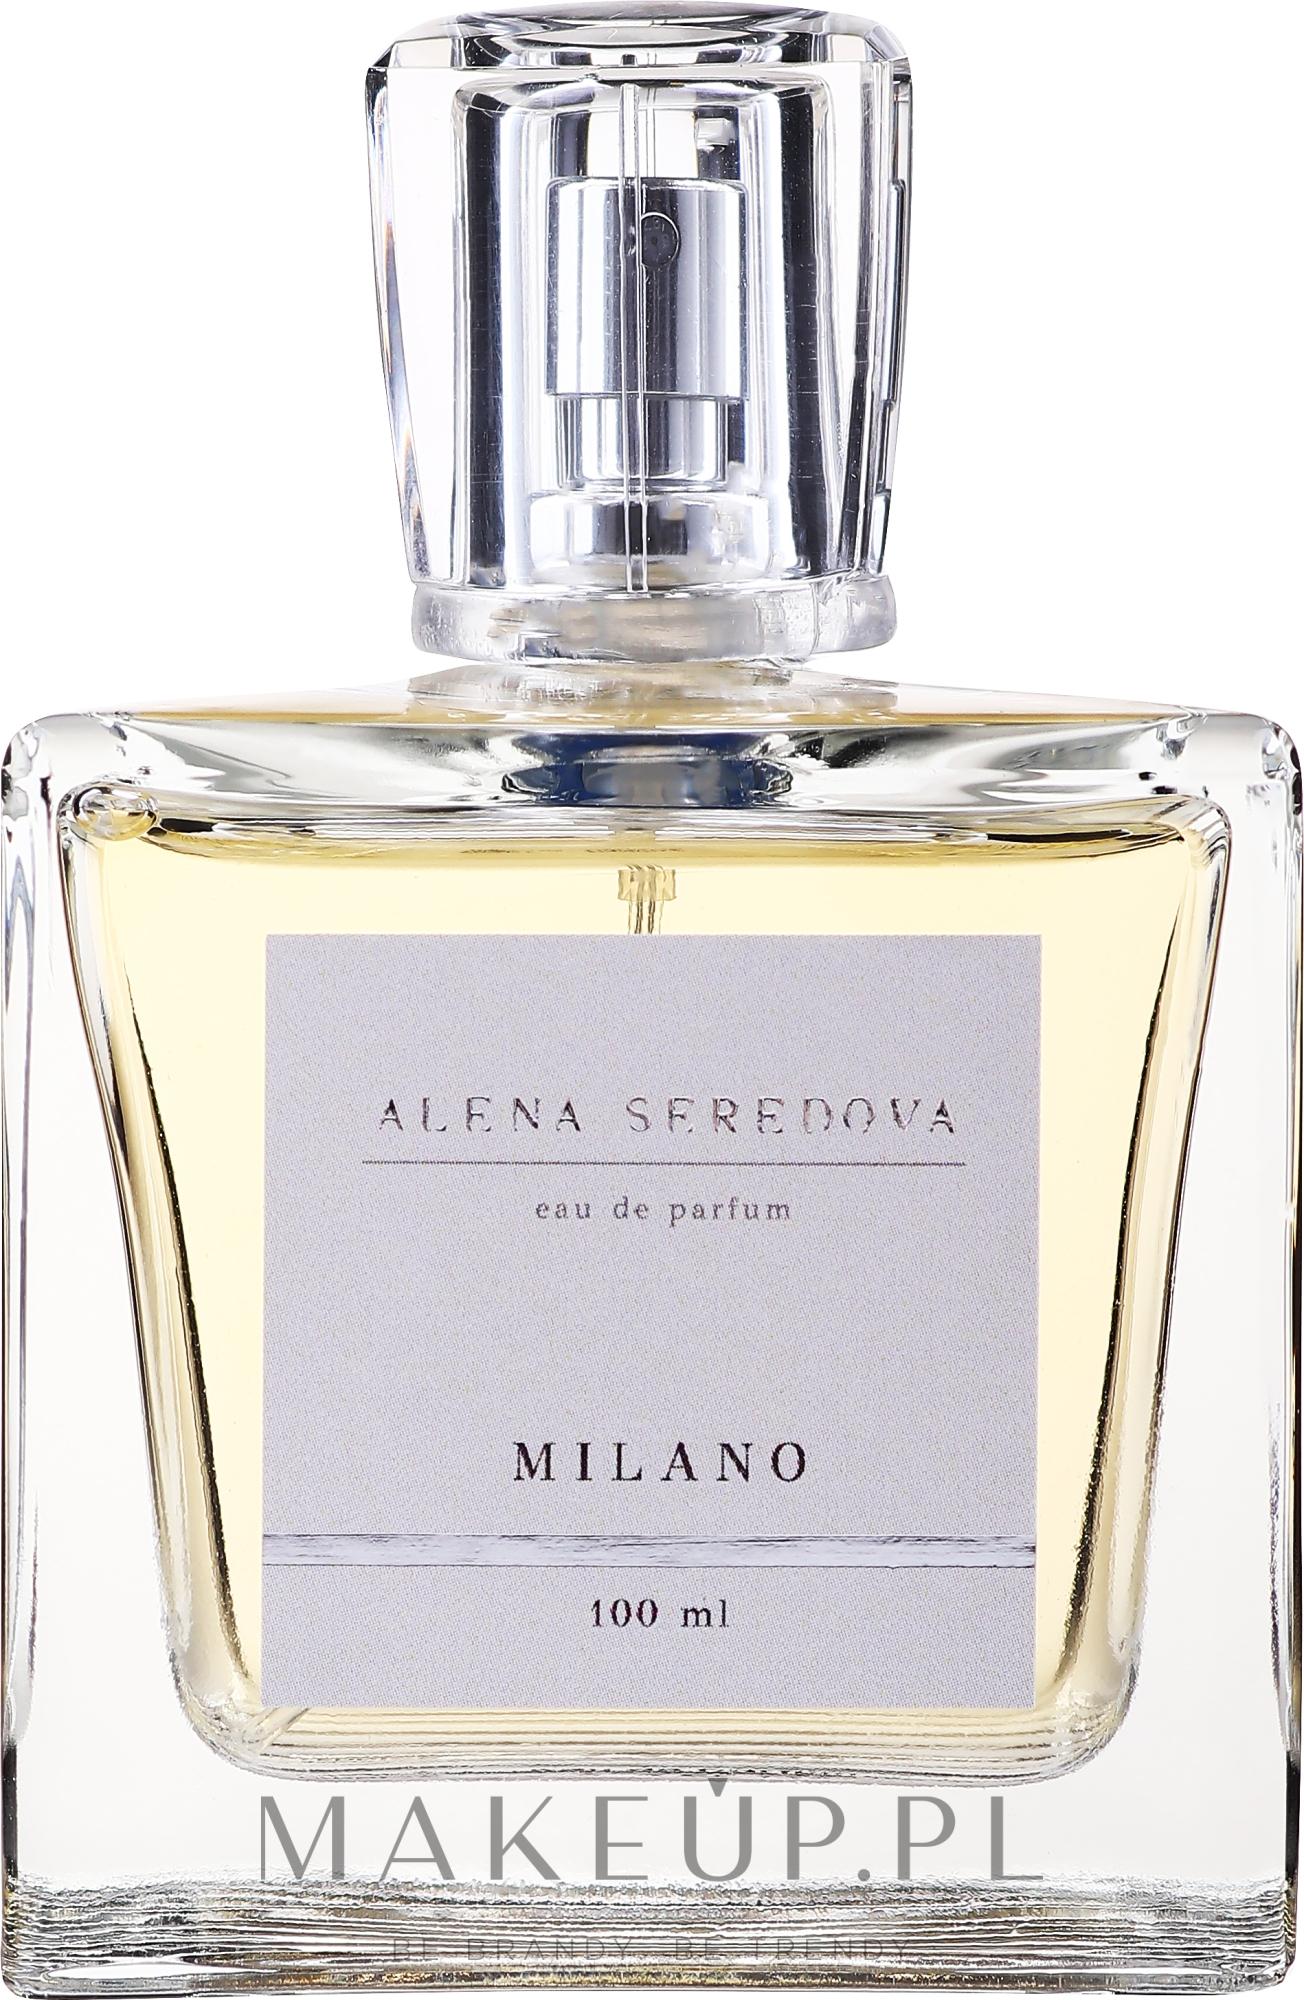 alena seredova milano woda perfumowana 100 ml